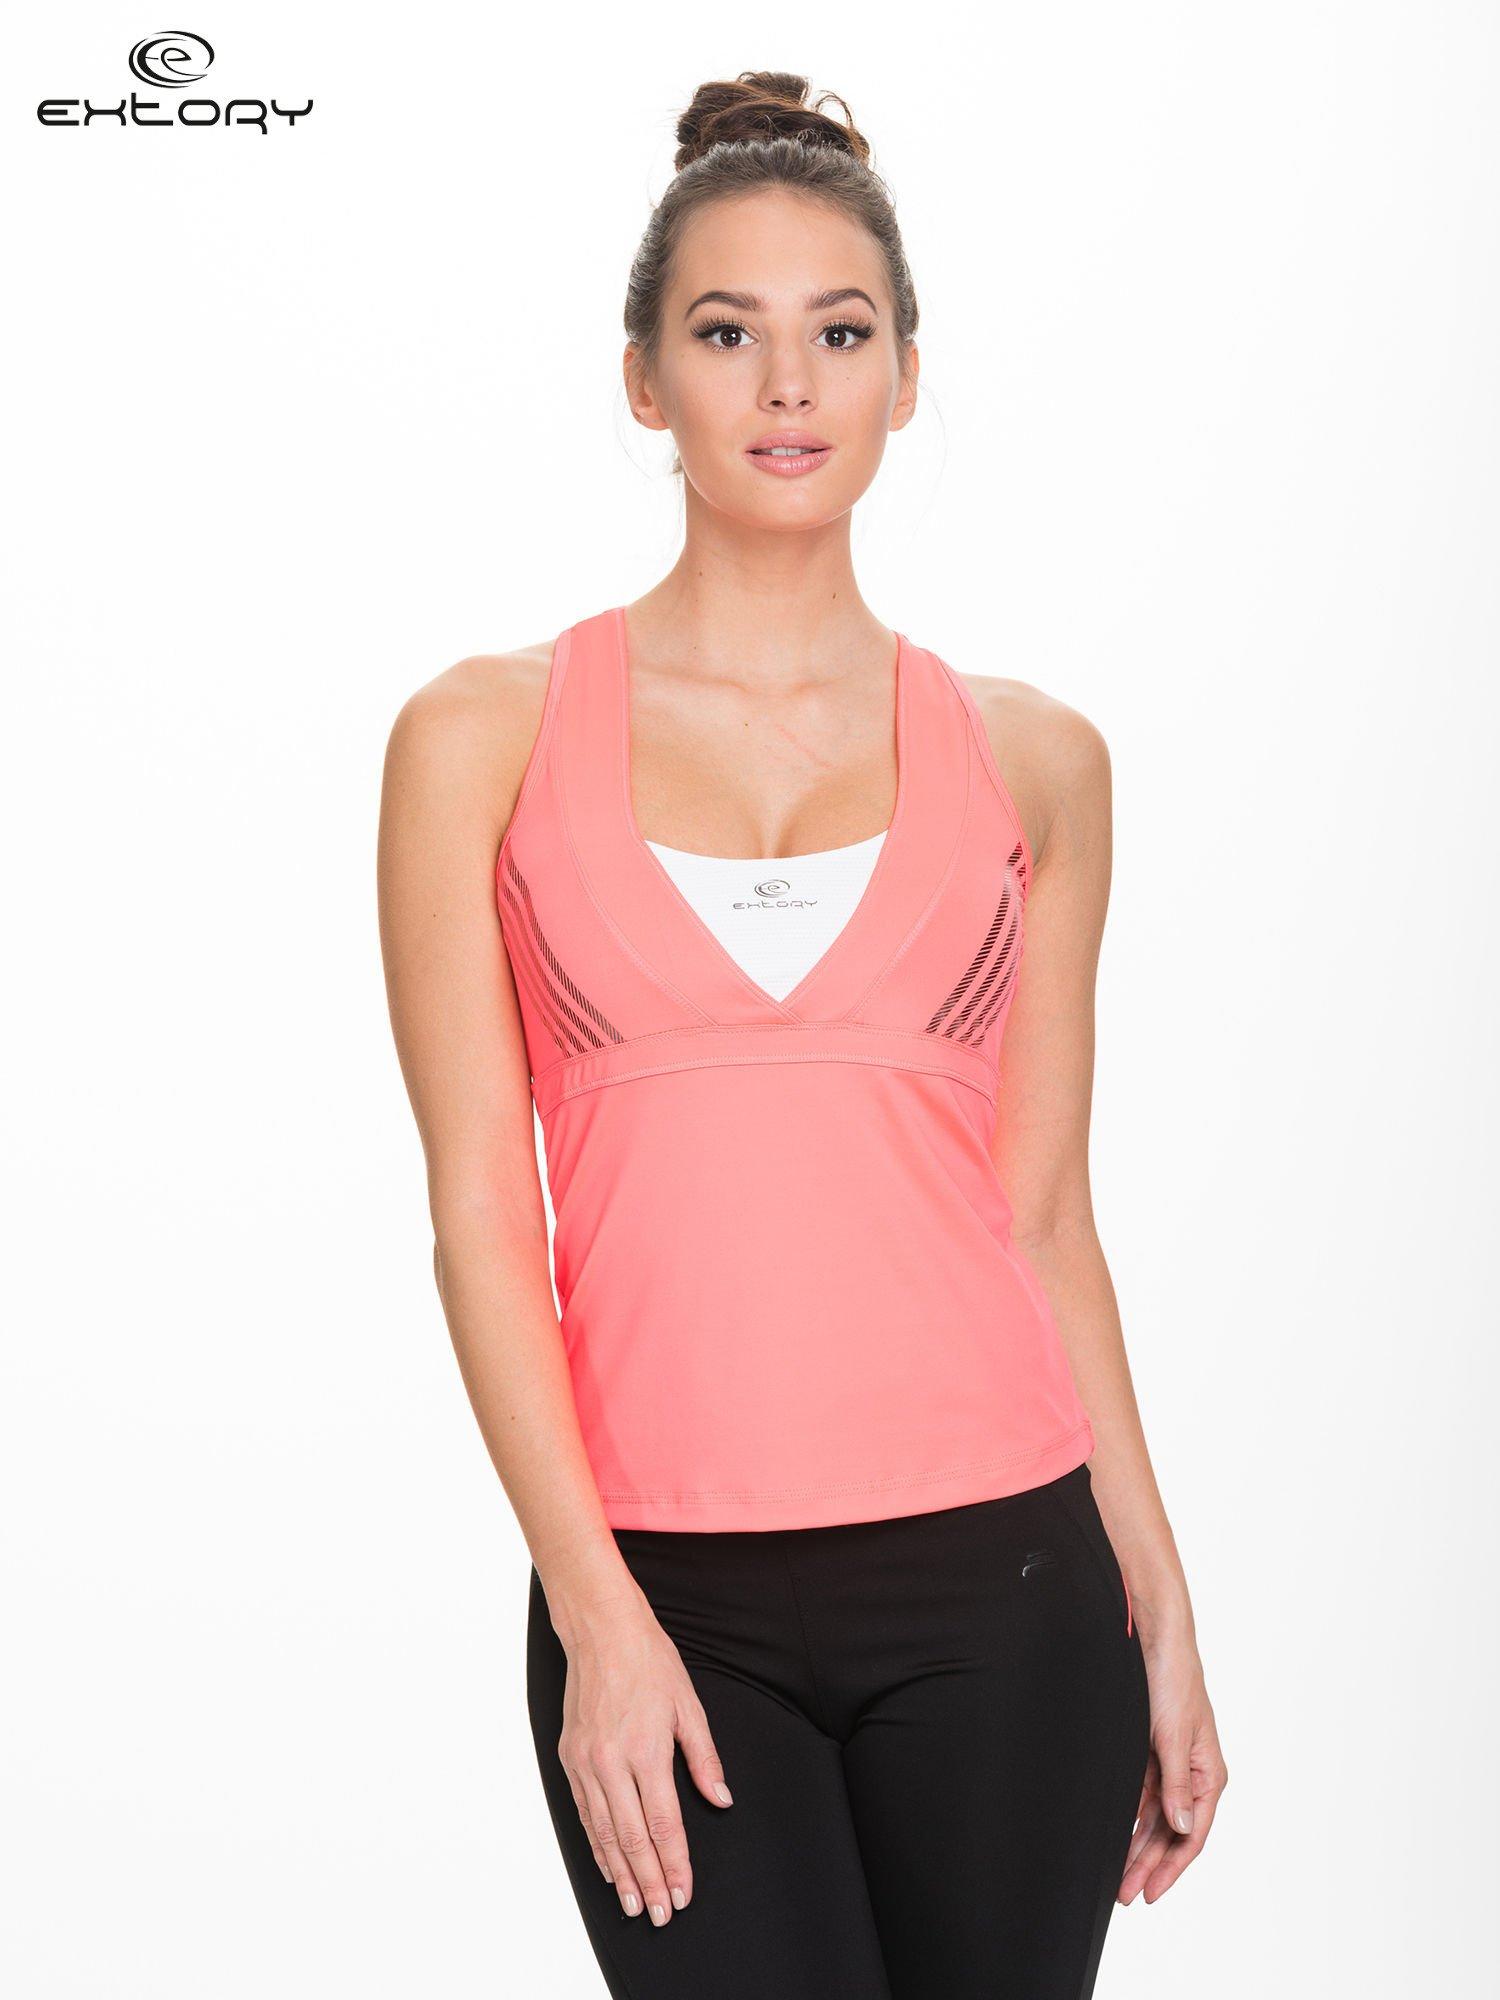 Fluokoralowy top sportowy z krzyżowanymi ramiączkami na plecach                                  zdj.                                  1